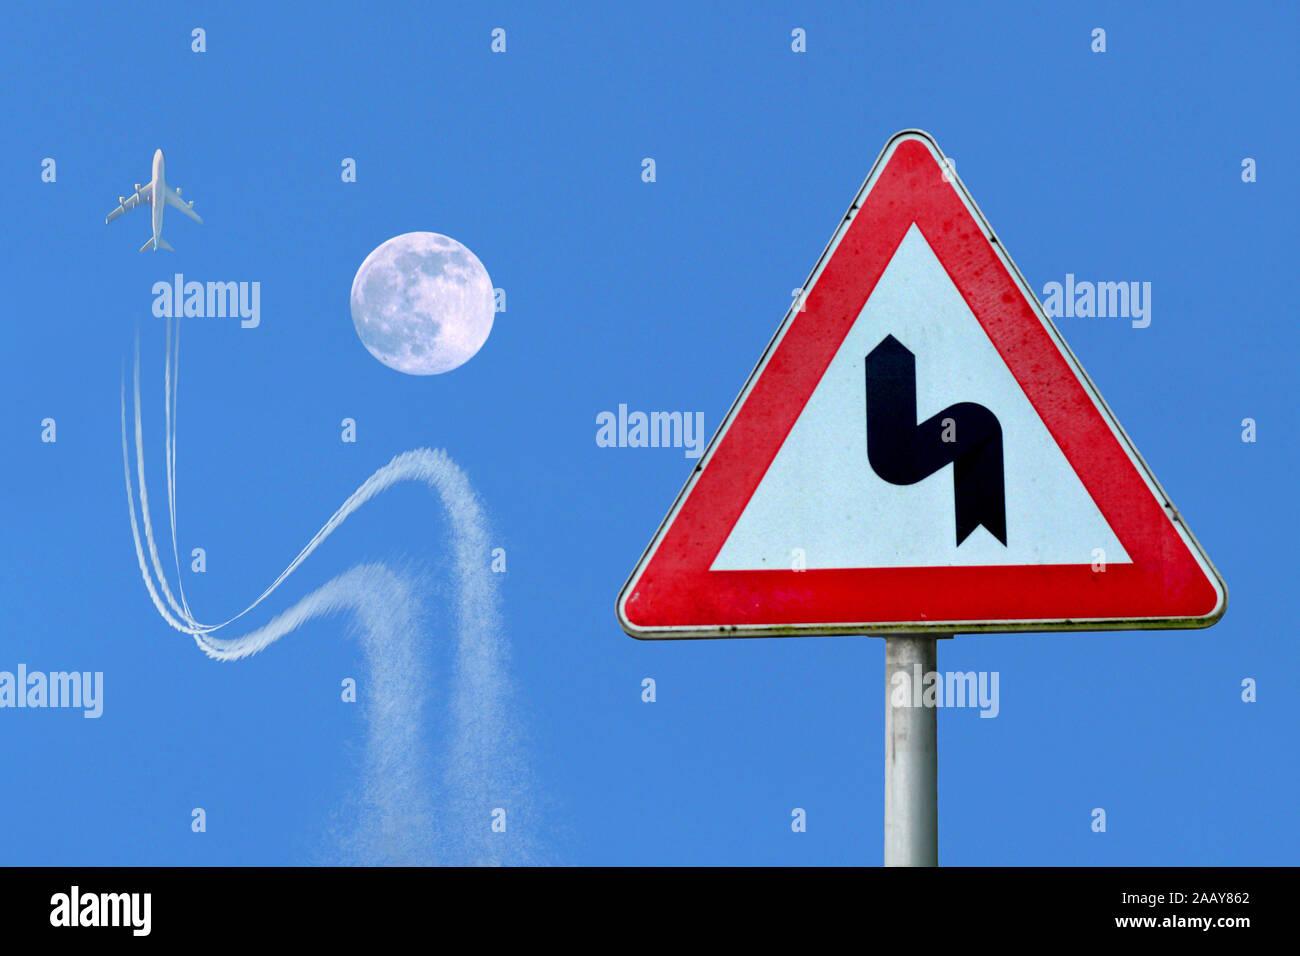 Flugzeug weicht einem Verkehrsschild entsprechend dem Mond aus, Deutschland | airplane obeying traffic sign, avoiding crash with a moon, Germany | BLW Stock Photo